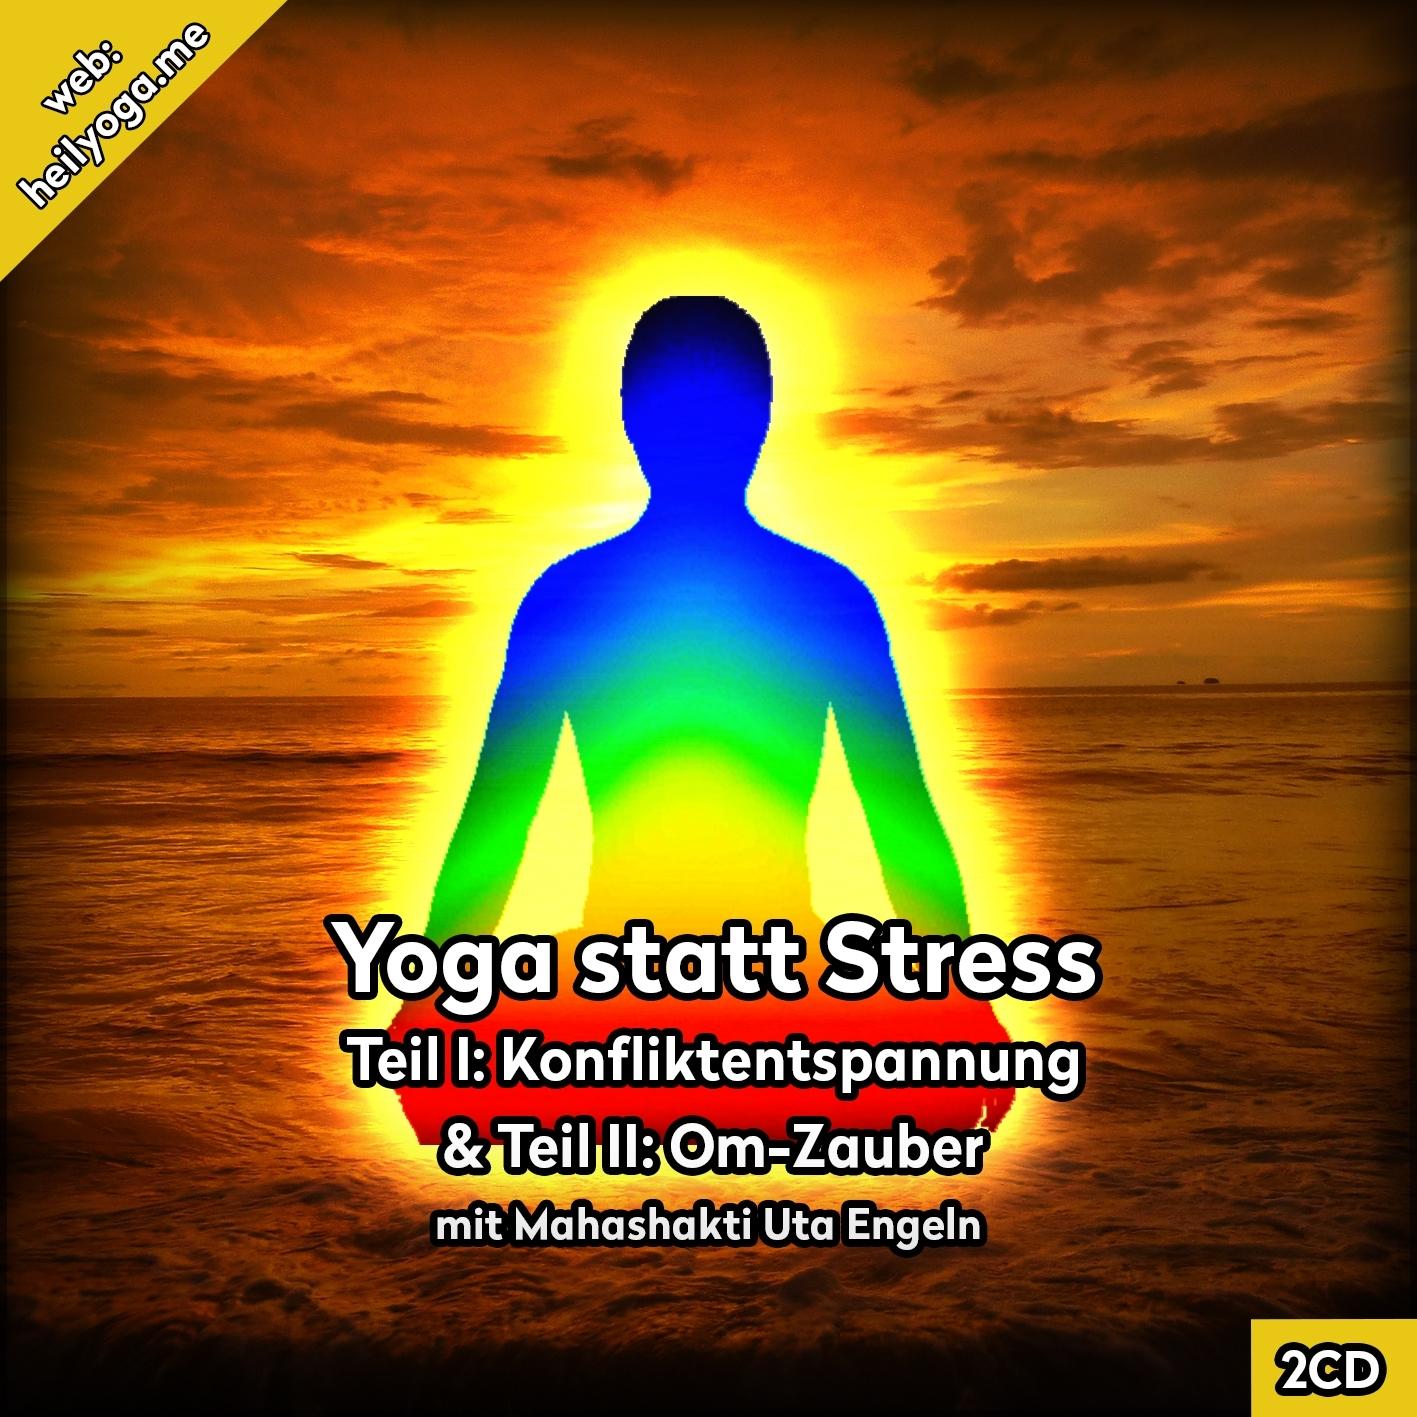 Yoga statt Stress: Konflikte lösen und harmonisch Leben (Mp3)